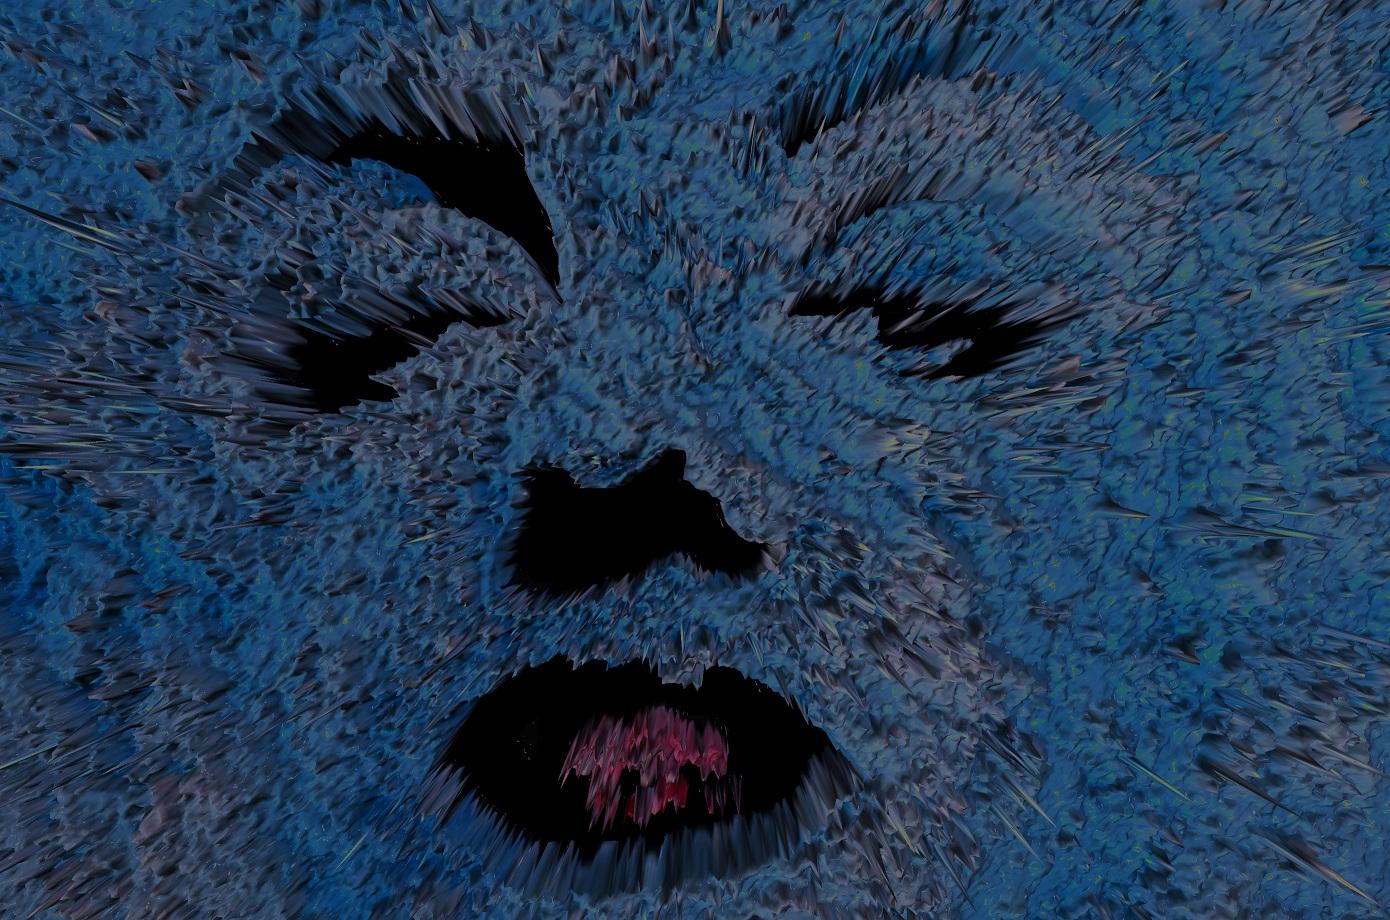 http://4.bp.blogspot.com/-YhumIx6wIVE/T7pNSb_dmQI/AAAAAAAAFCQ/vF5Cuuaxj1M/s1600/one+hungry+woman.jpg